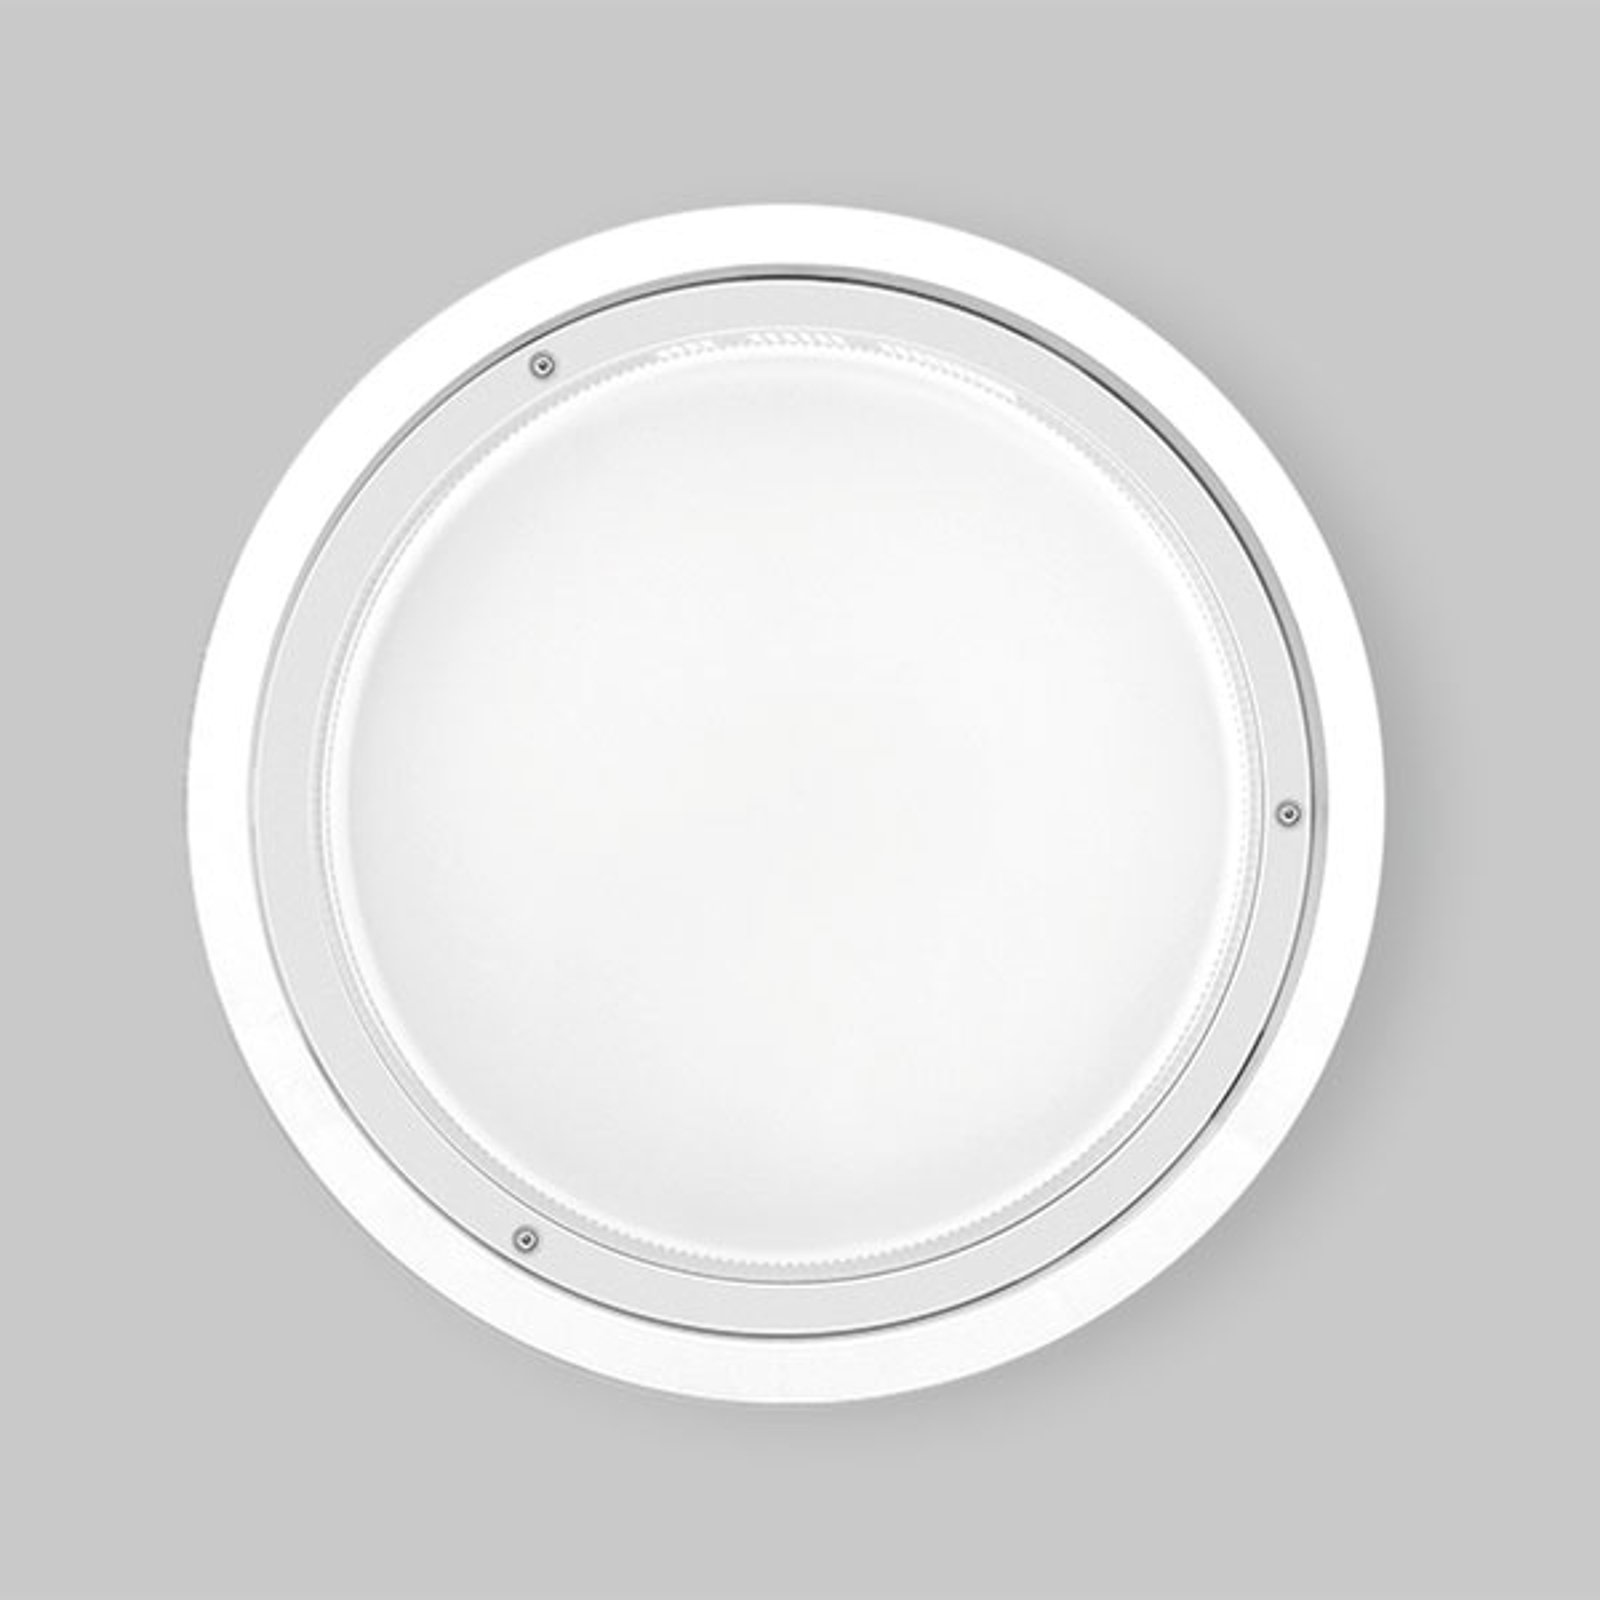 Vegglampe Multi+ 30 PC, bruddsikker, 16 W, 4 000 K